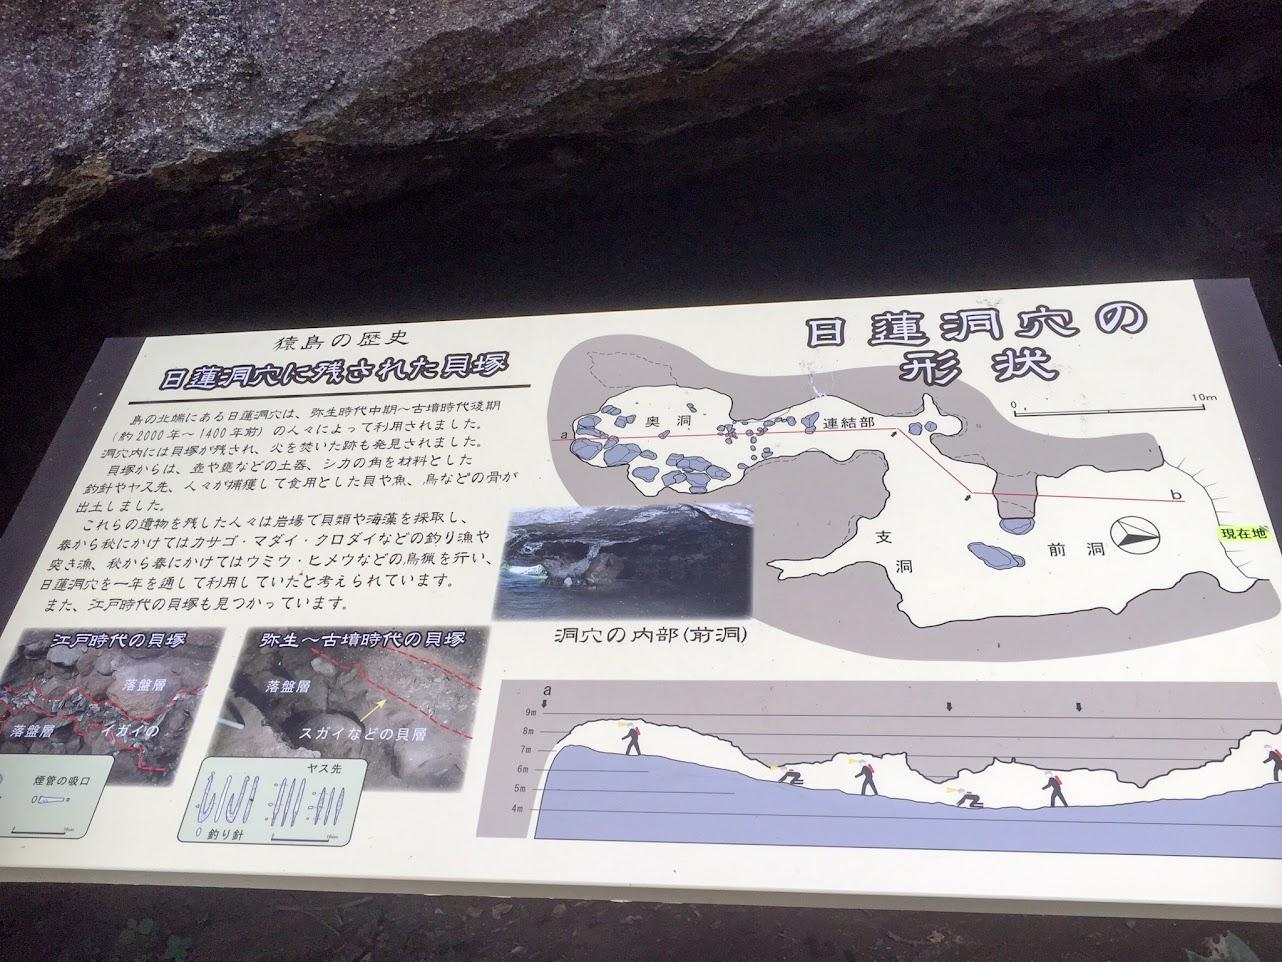 日蓮洞穴について